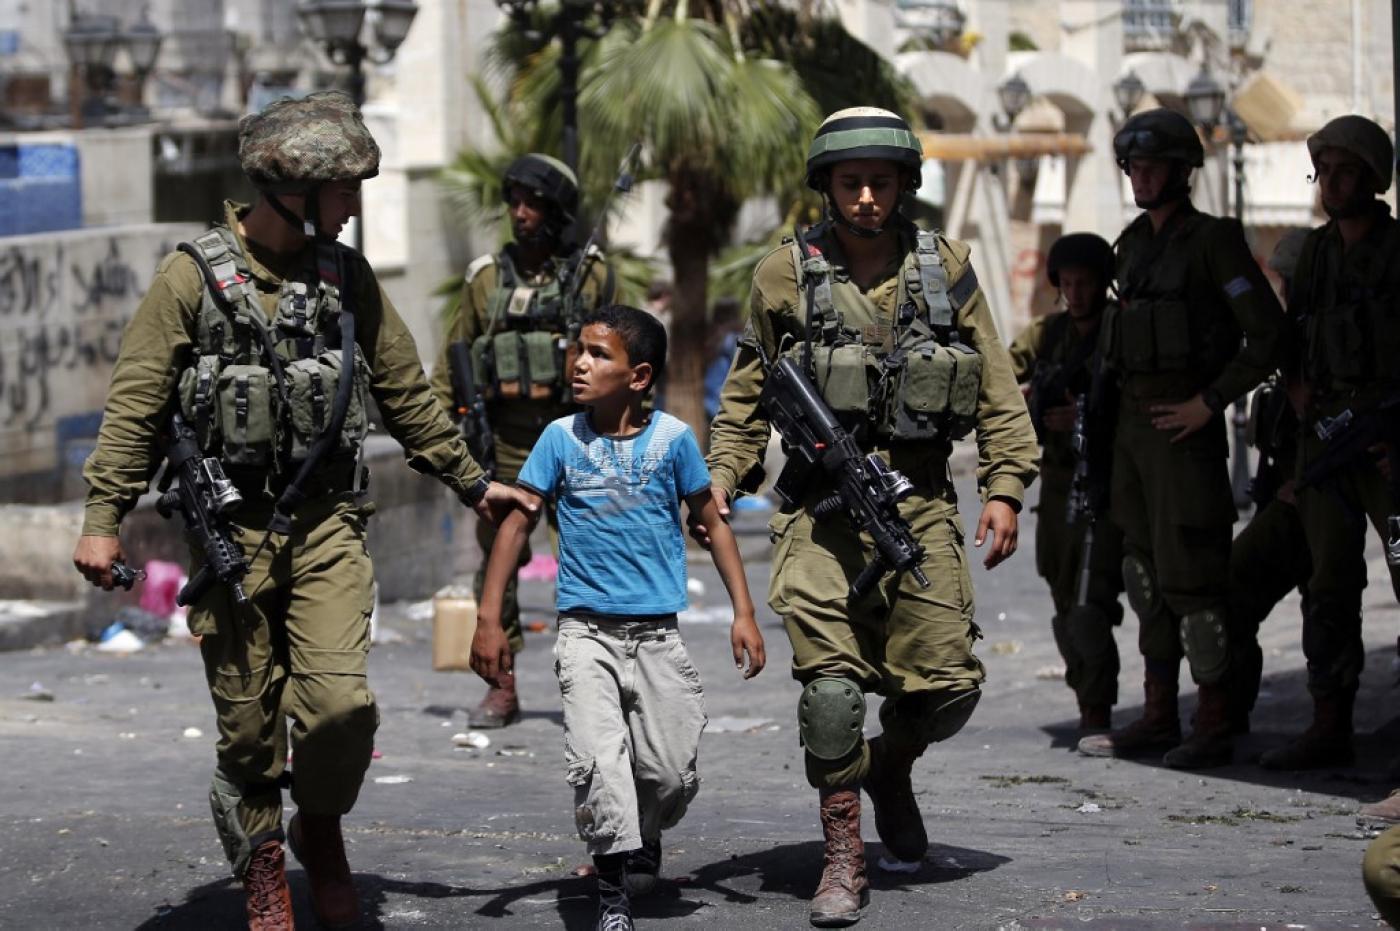 Palestine : Biden appelé à aider à mettre fin à l'oppression israélienne